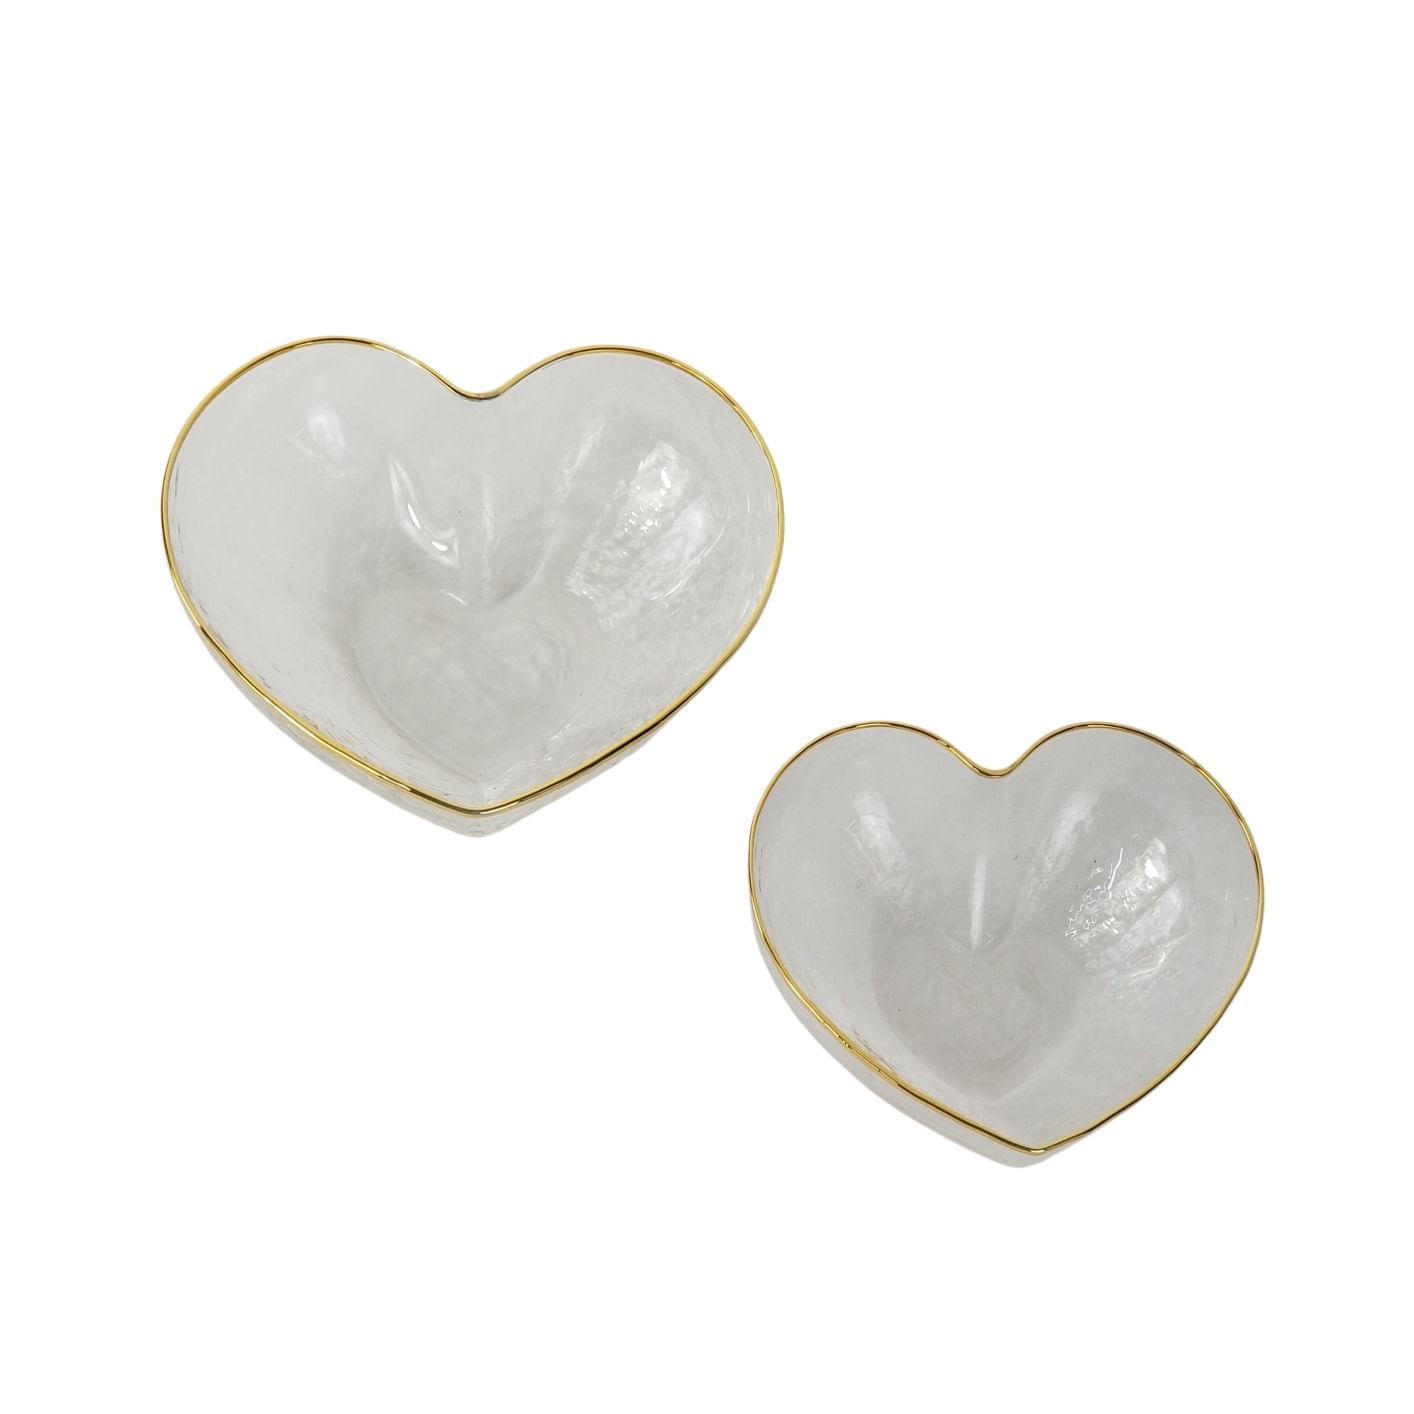 Kit 2 Bowls Heart Formato Coração - Vidro e Borda Dourada